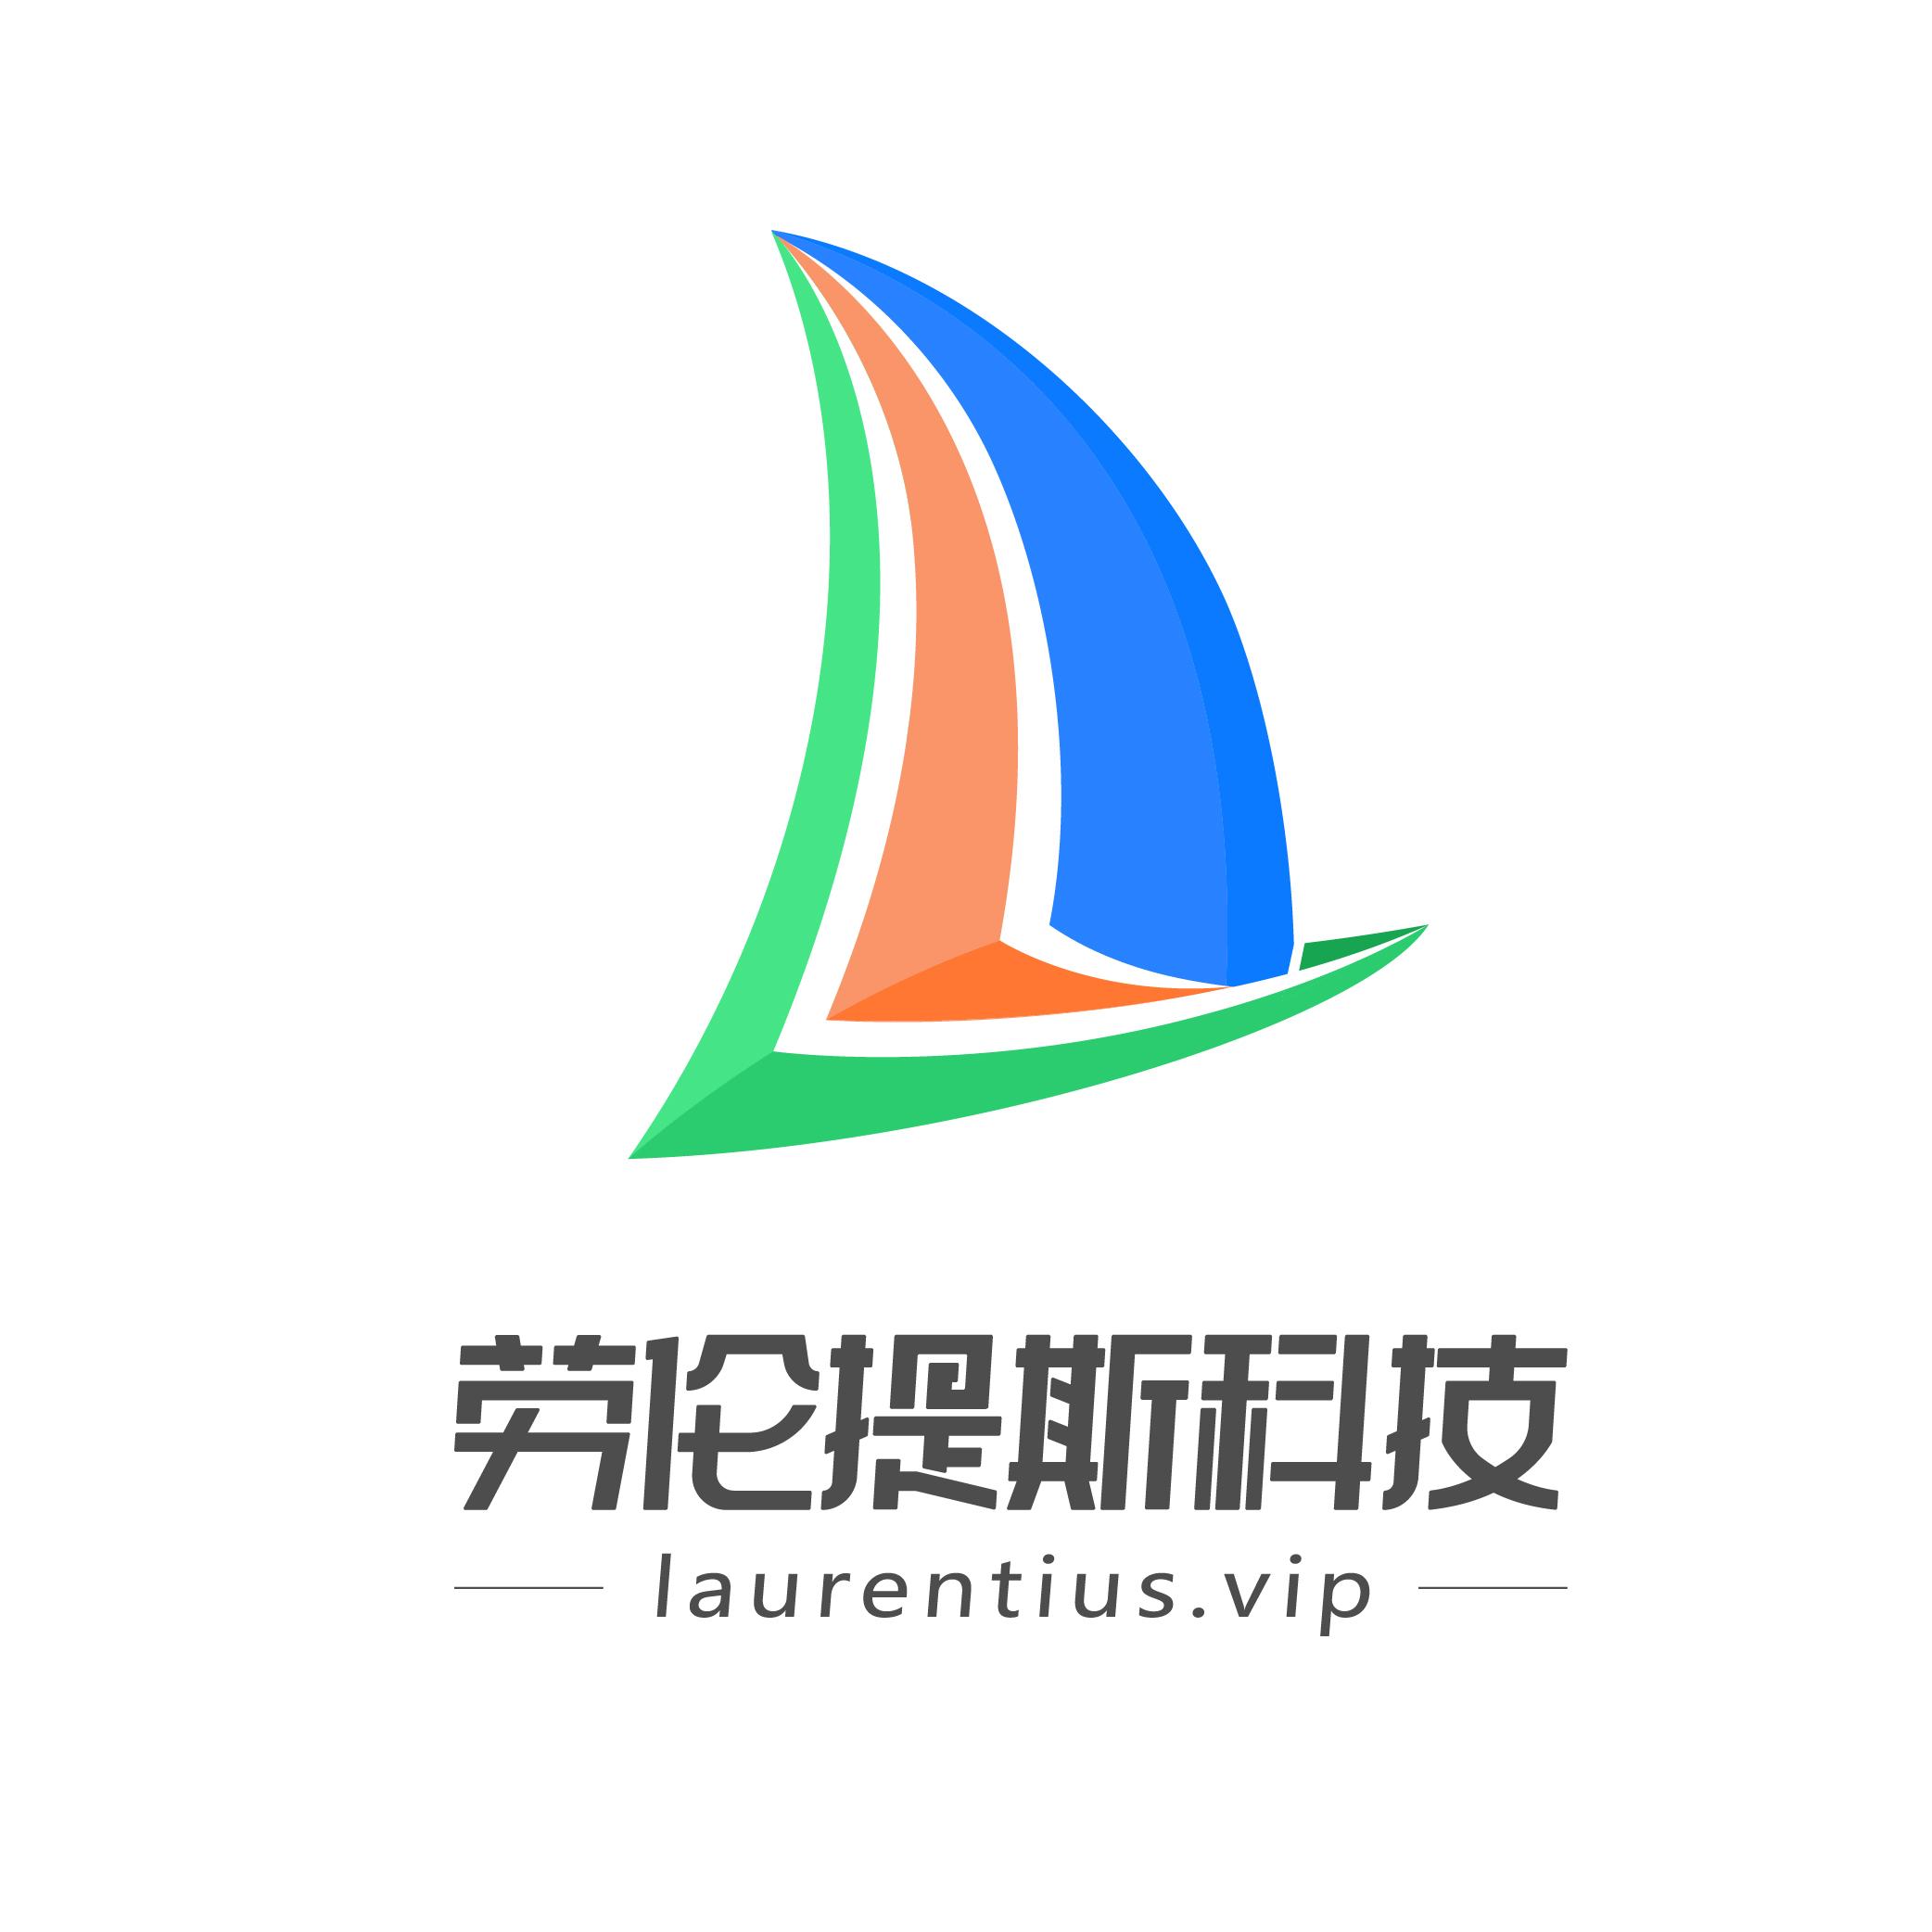 蘇州勞倫提斯網絡科技有限公司